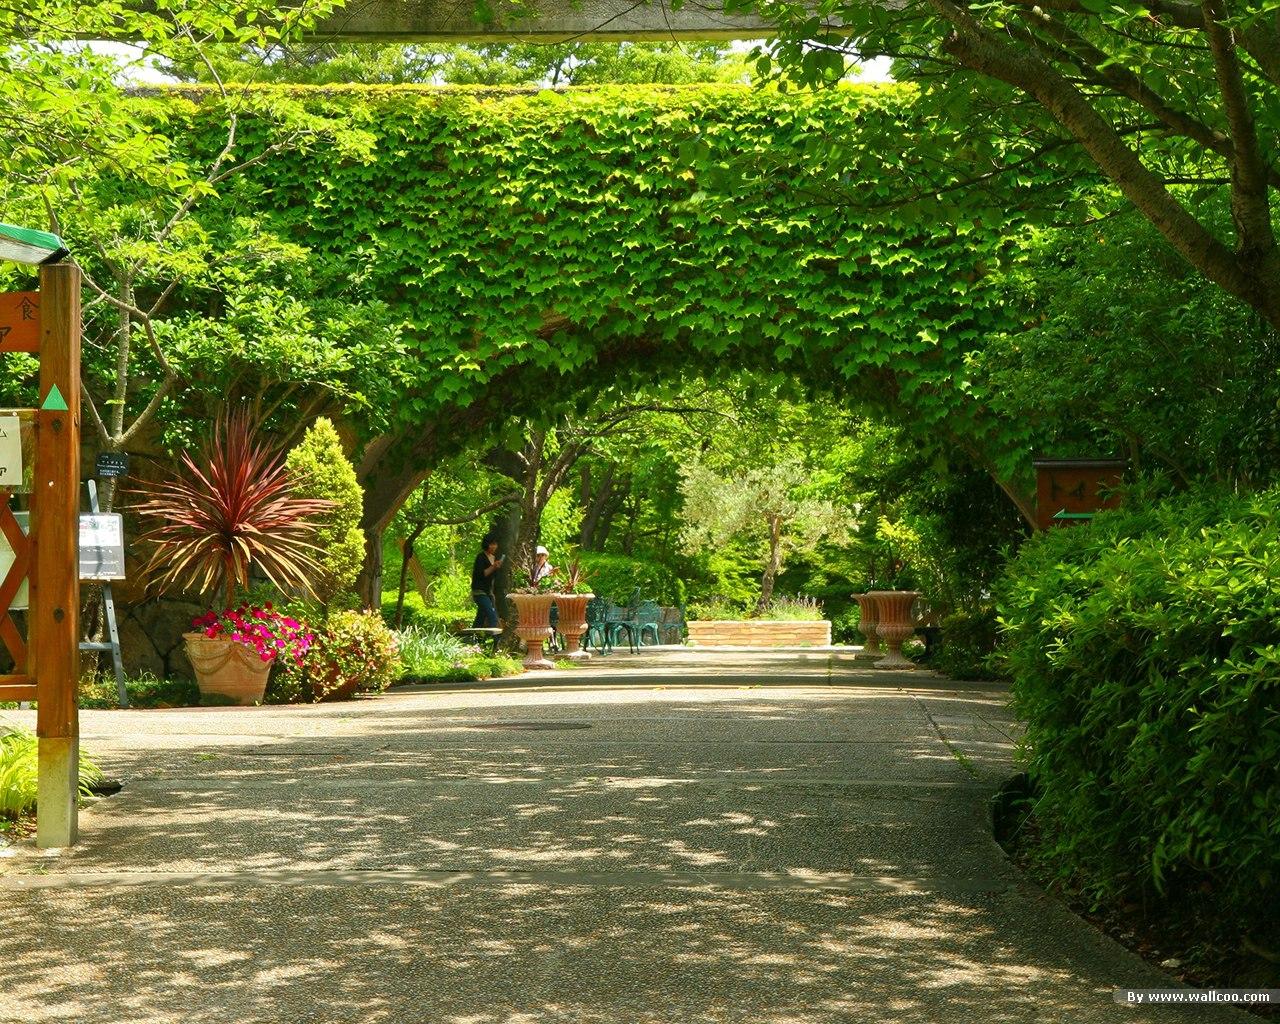 Japanese garden picture v1223619342jpg 1280x1024